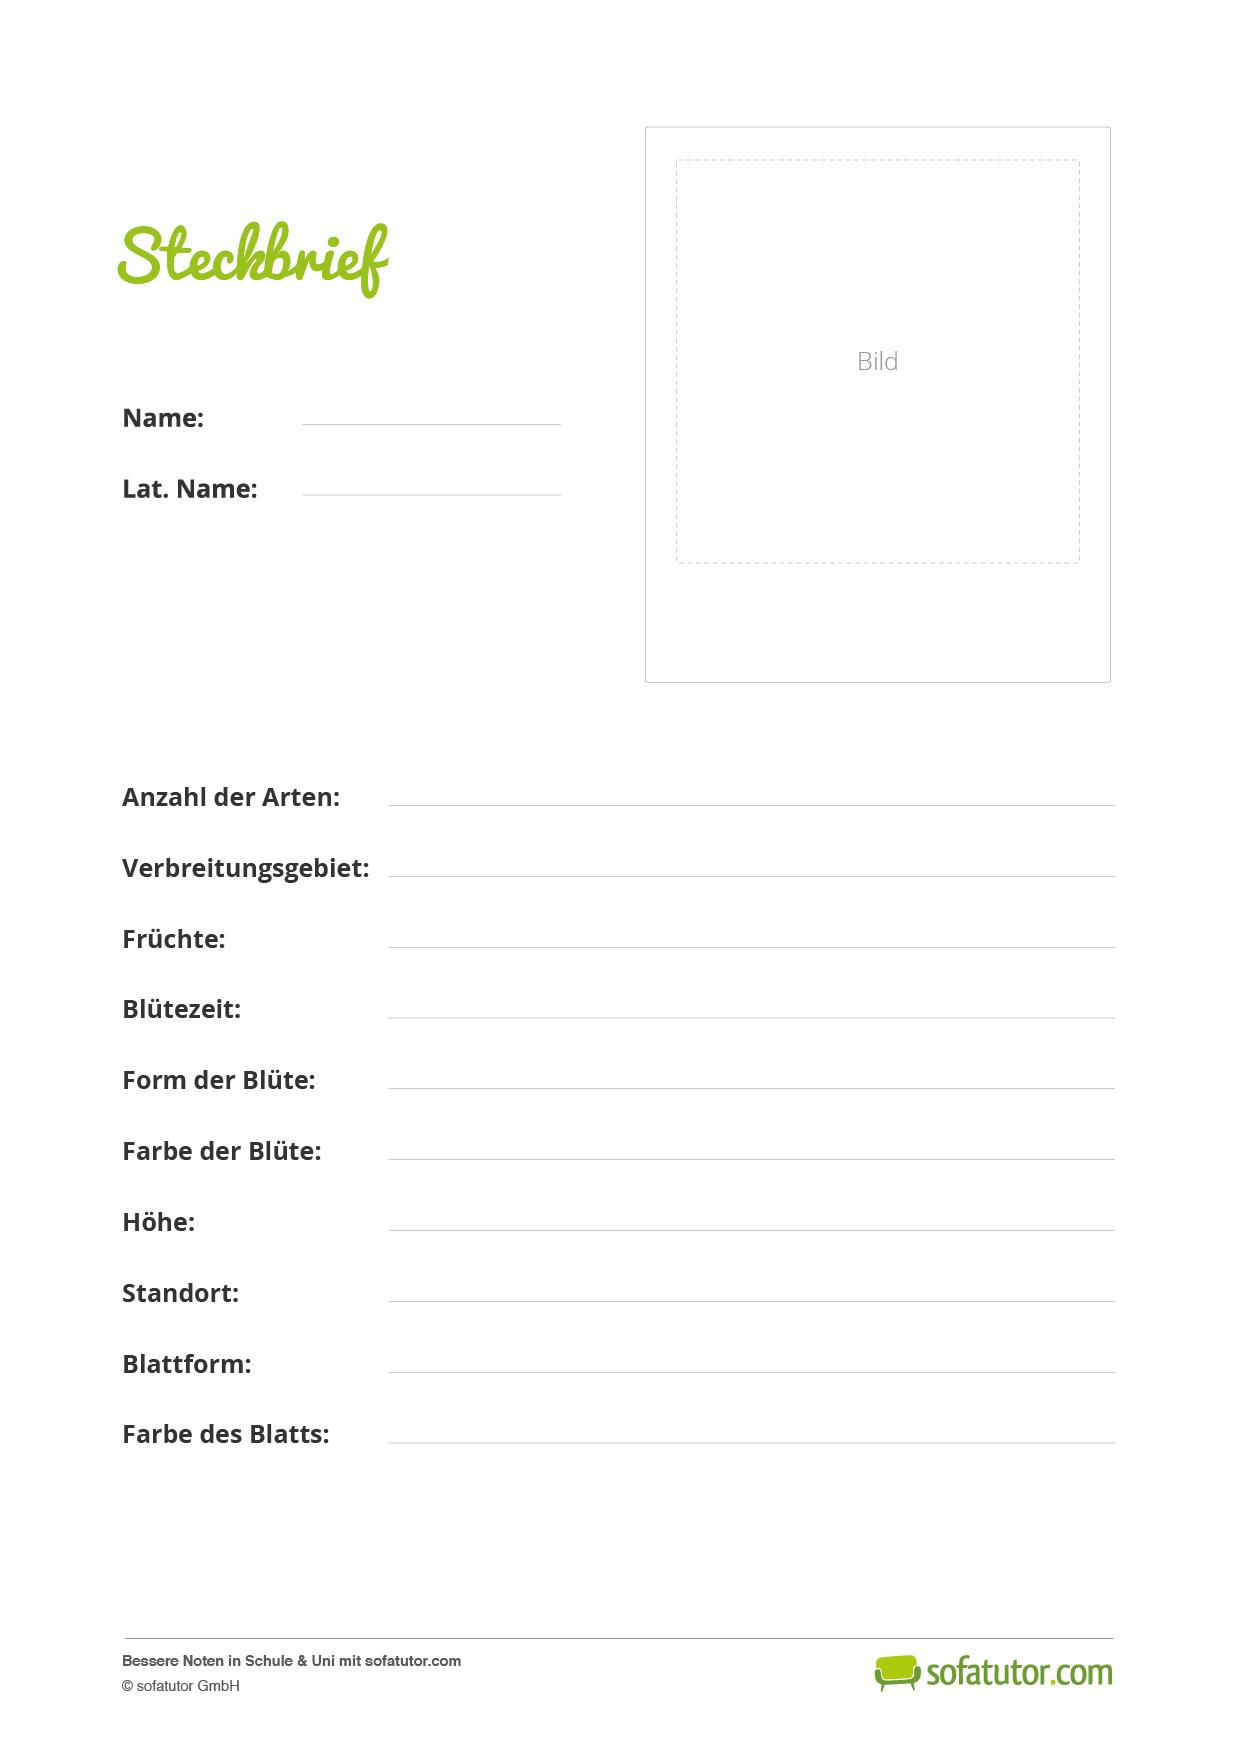 kostenloses lehrmaterial steckbriefe erstellen im unterricht